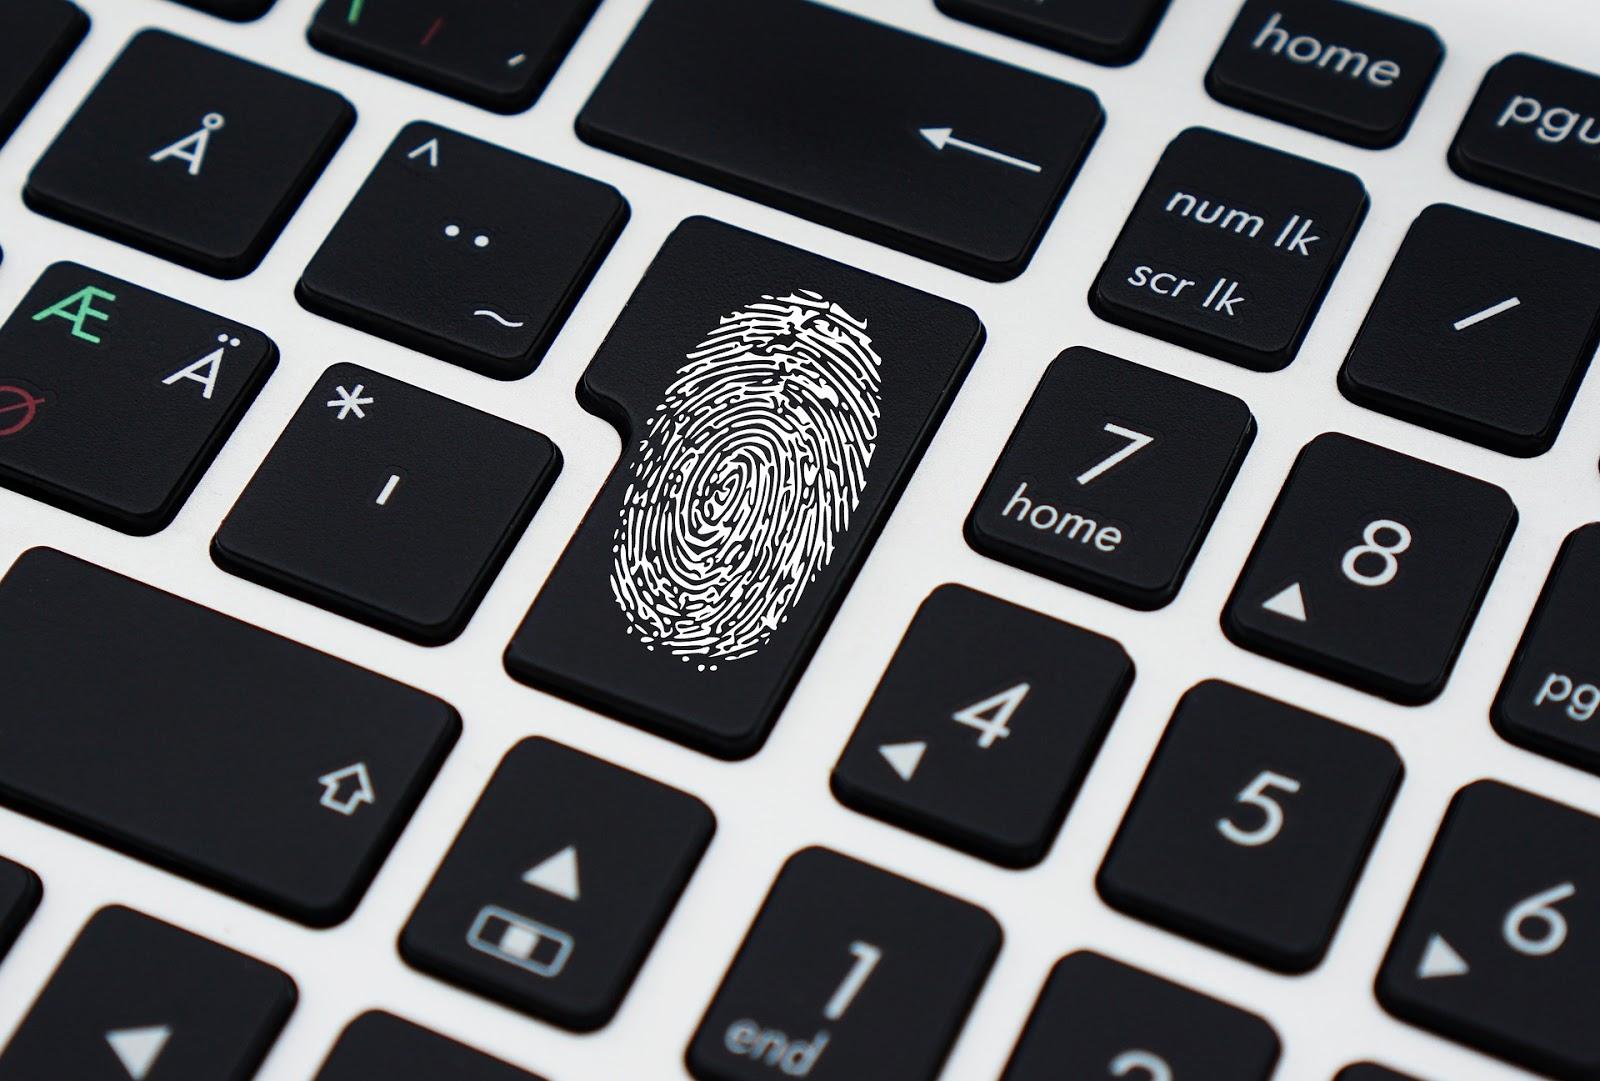 Cara Membuat Password Yang Kuat Blog Wowrack Indonesia